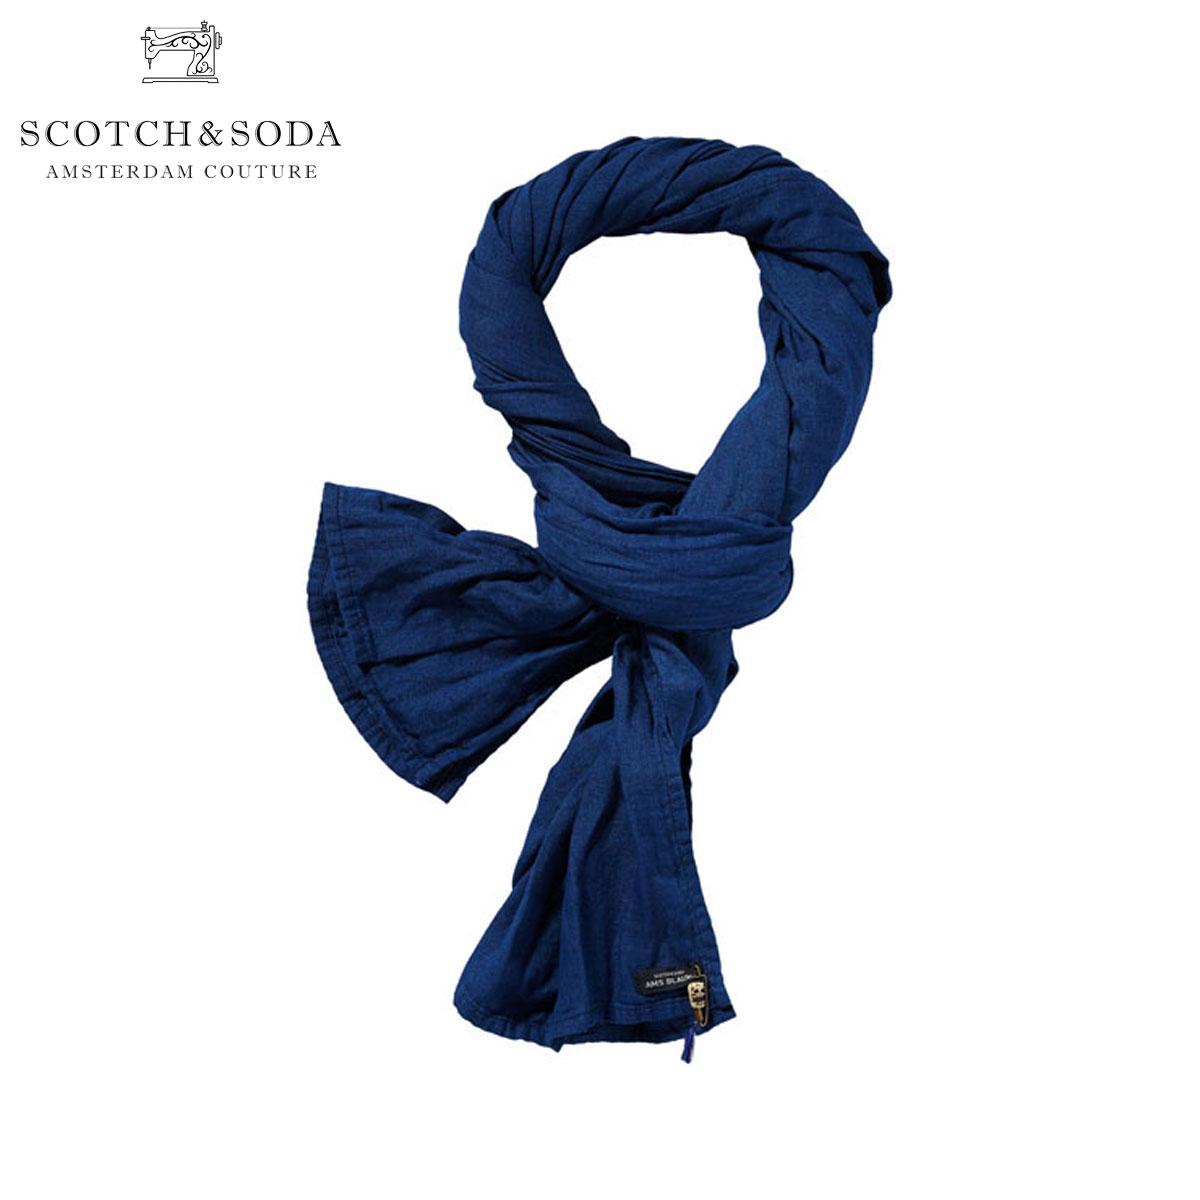 【販売期間 8/1 15:00~8/9 9:59】 スコッチアンドソーダ SCOTCH&SODA 正規販売店 メンズ ストール Indigo scarf 128137 51